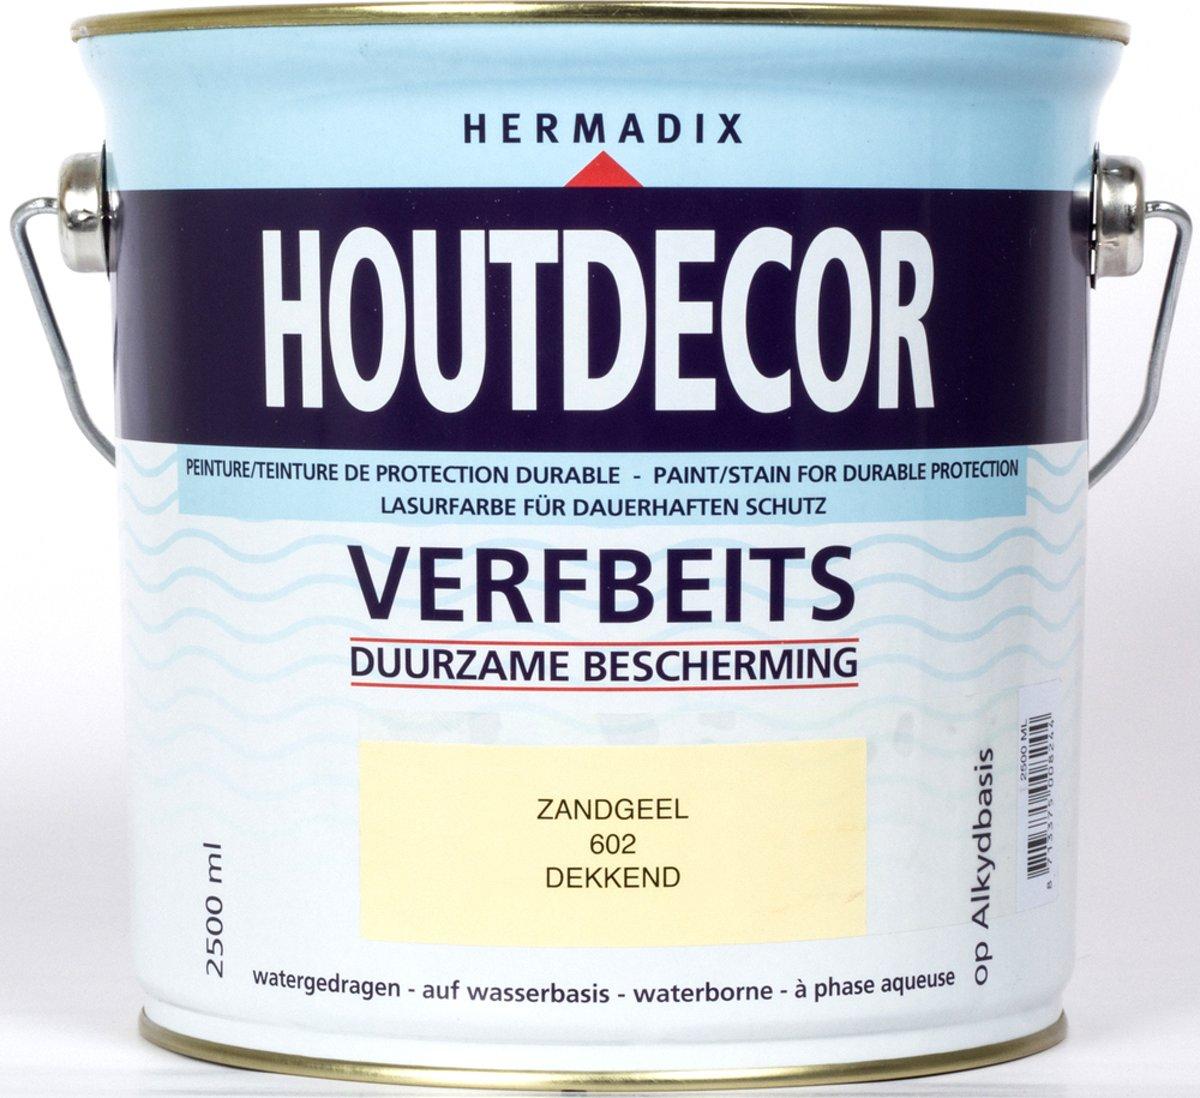 Hermadix Houtdecor verfbeits zandgeel 602 2,5 l kopen